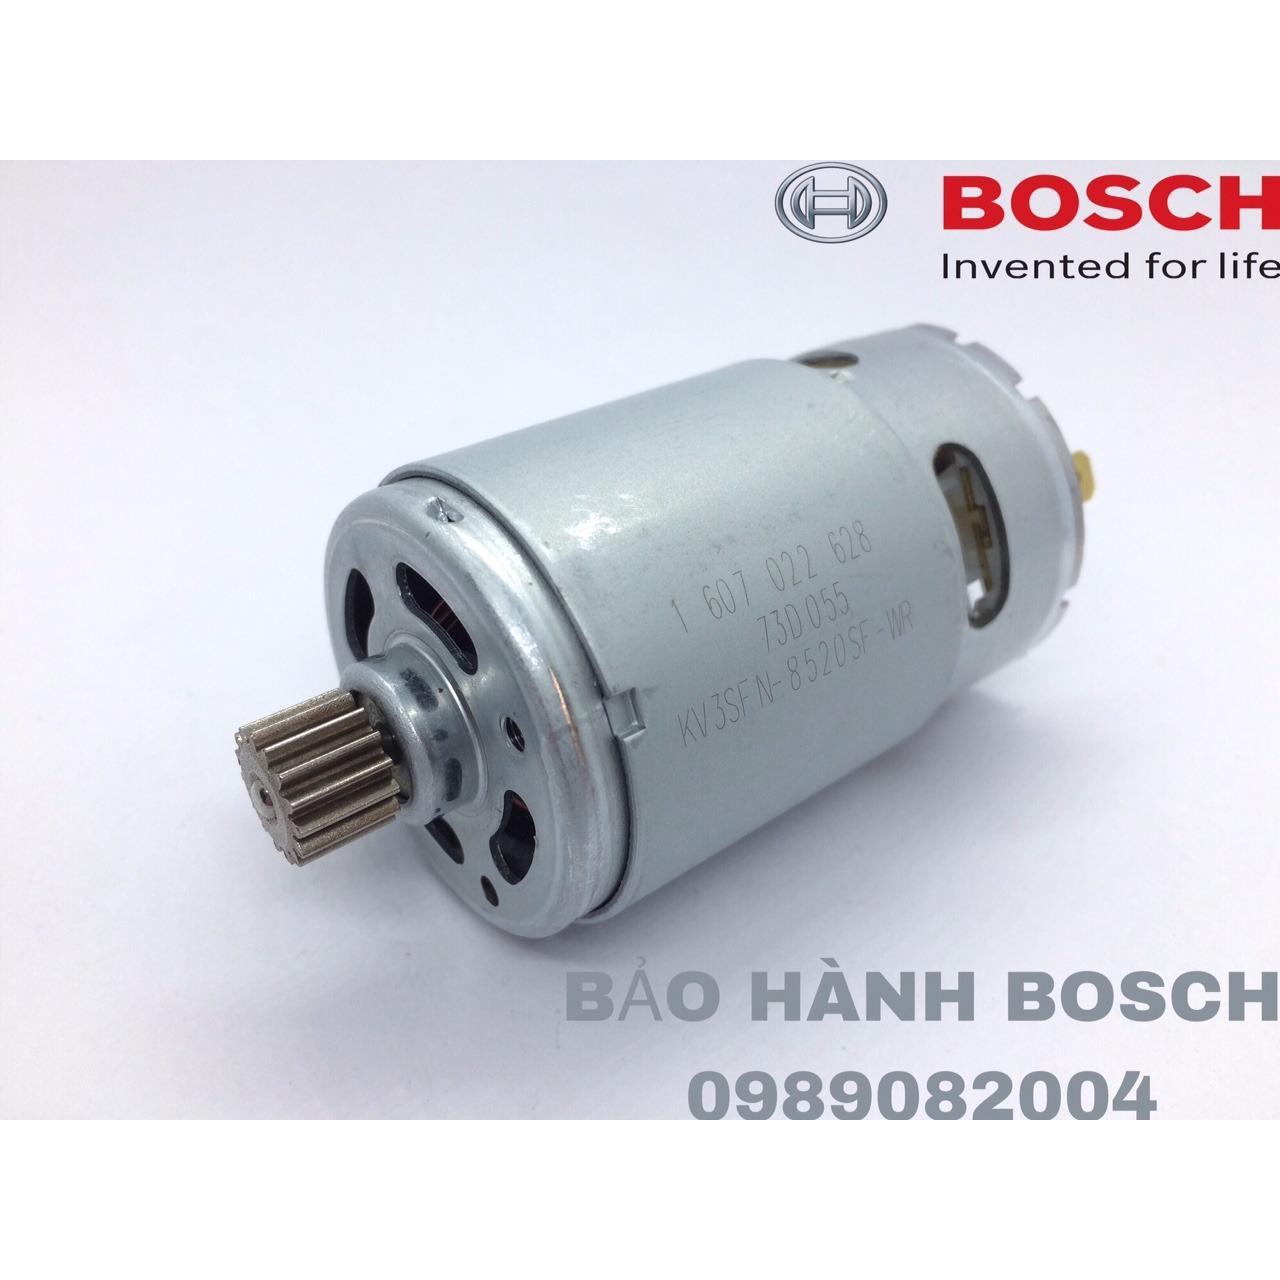 Gsr 1080 2 Li Mo Tơ Bosch Chiết Khấu